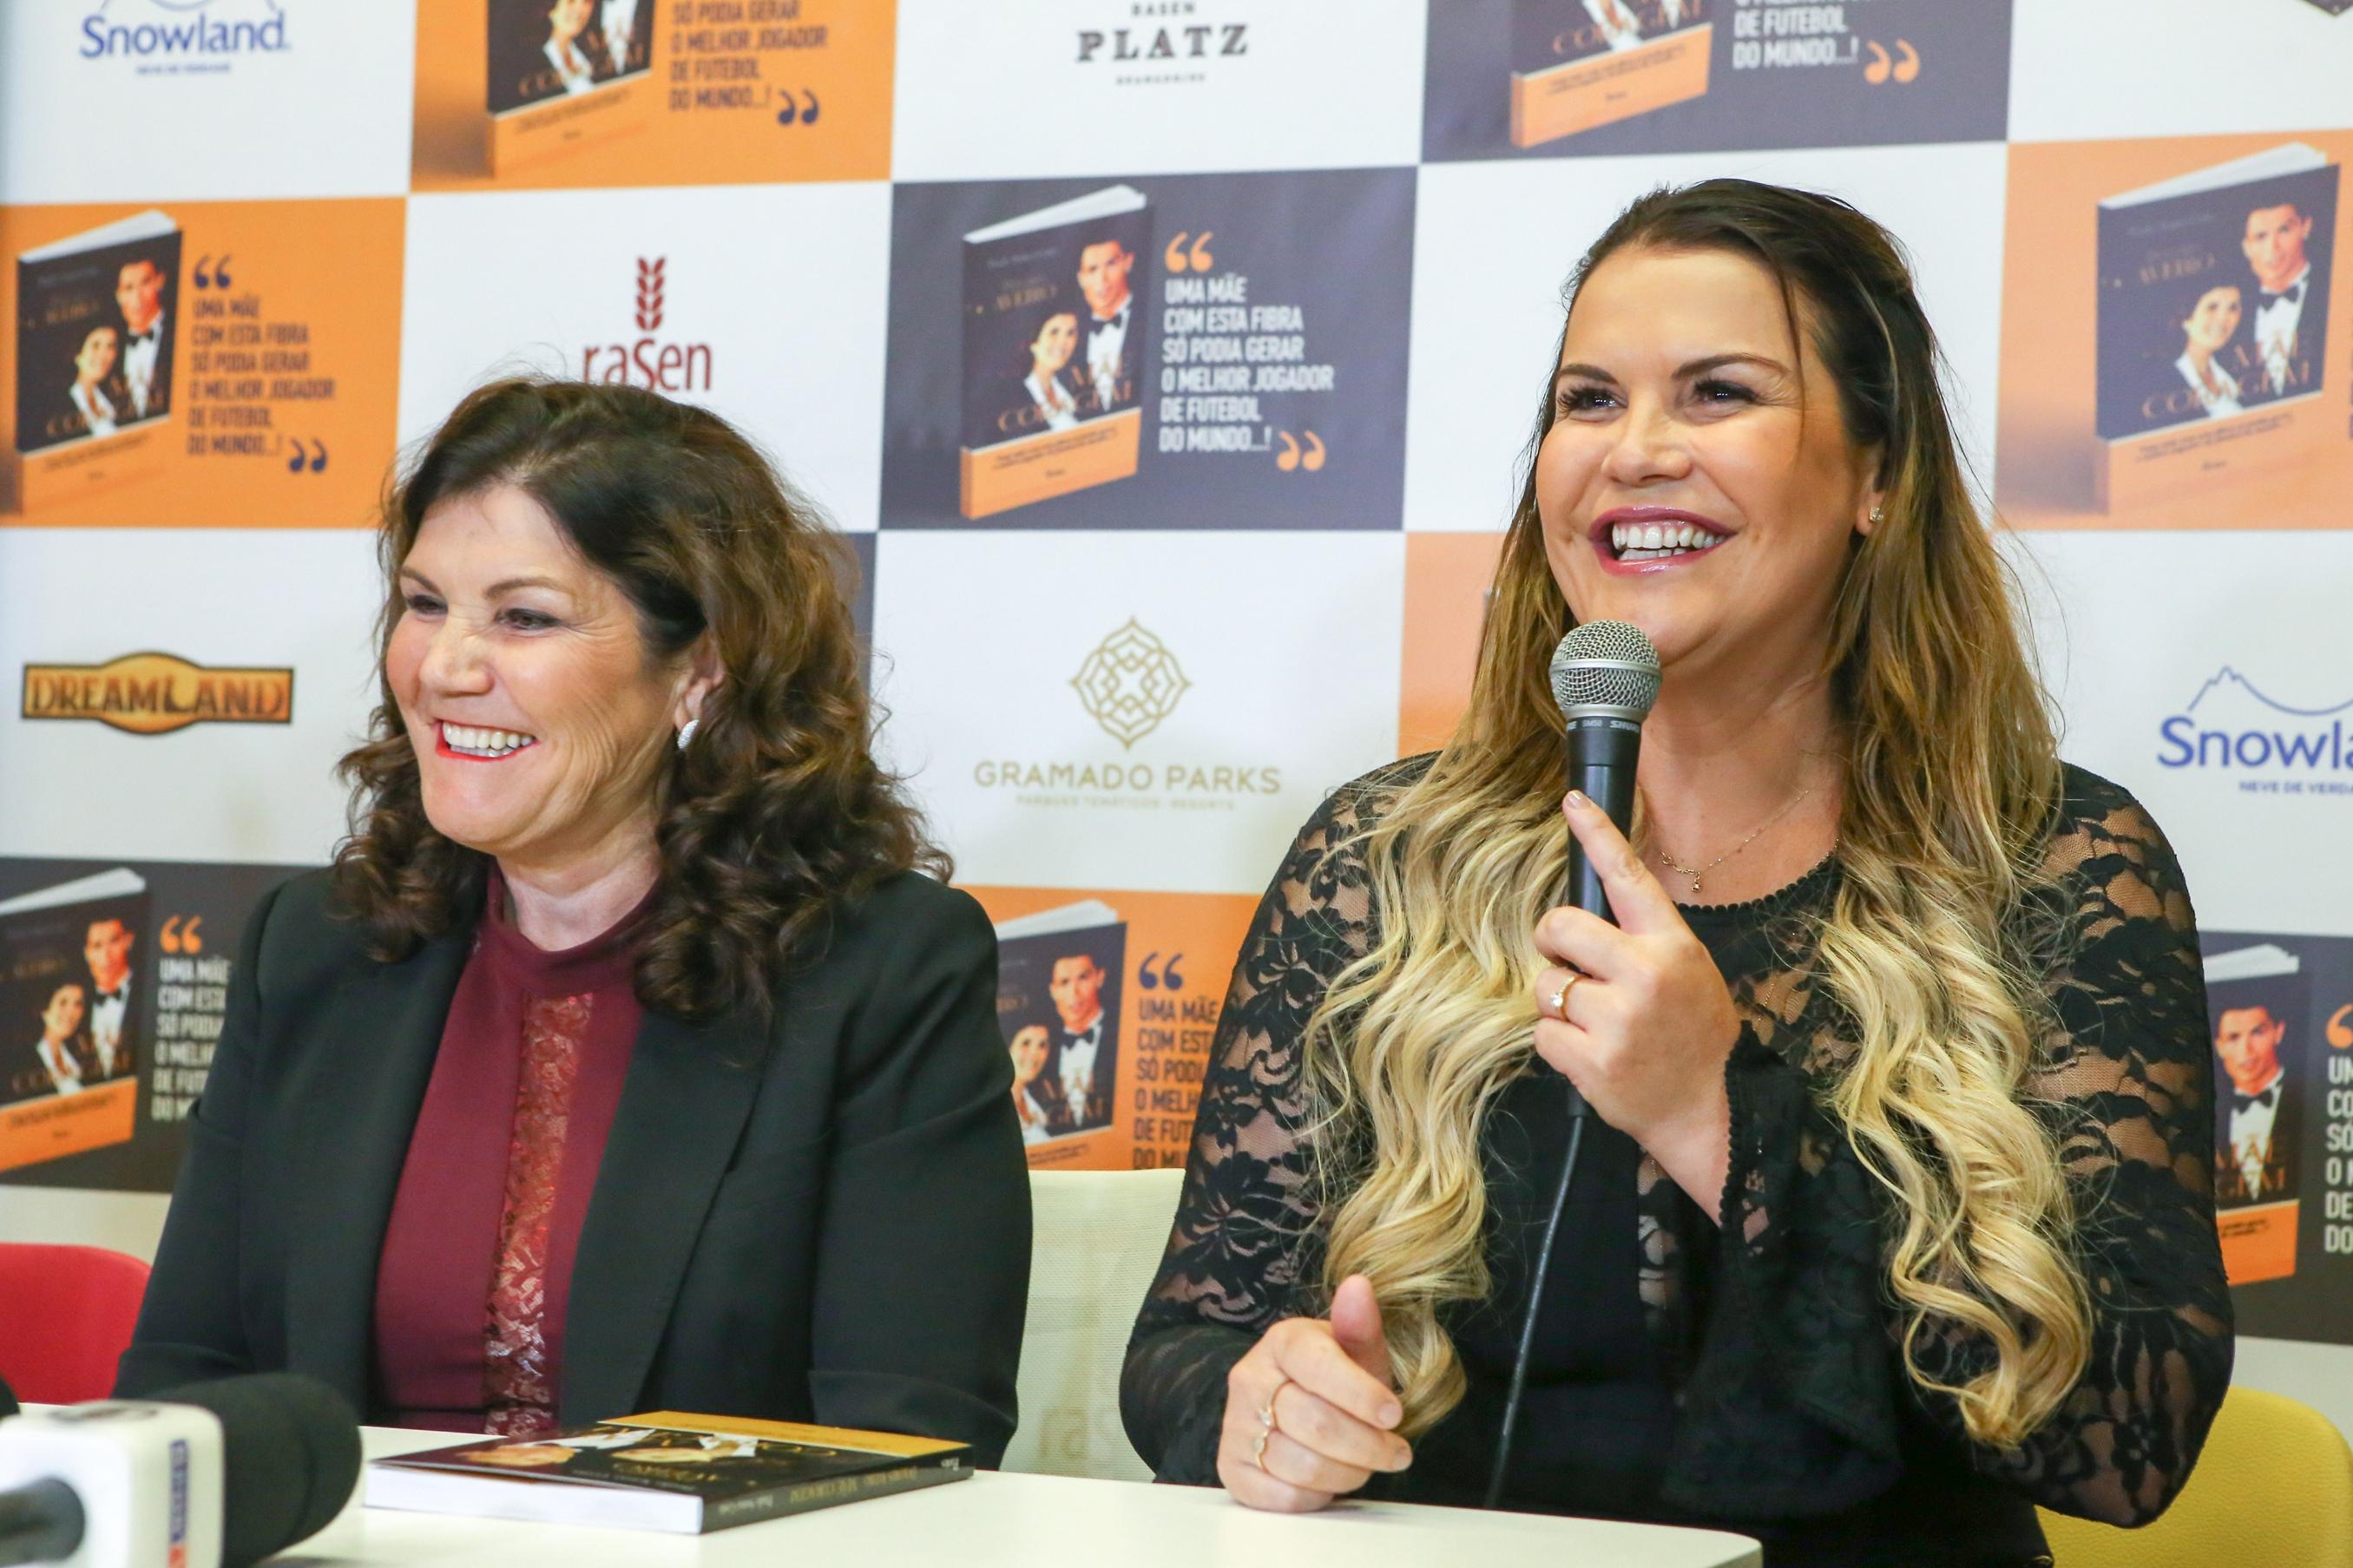 0589739accd7a Restaurante da família de Cristiano Ronaldo abre em Gramado, na Serra Gaúcha